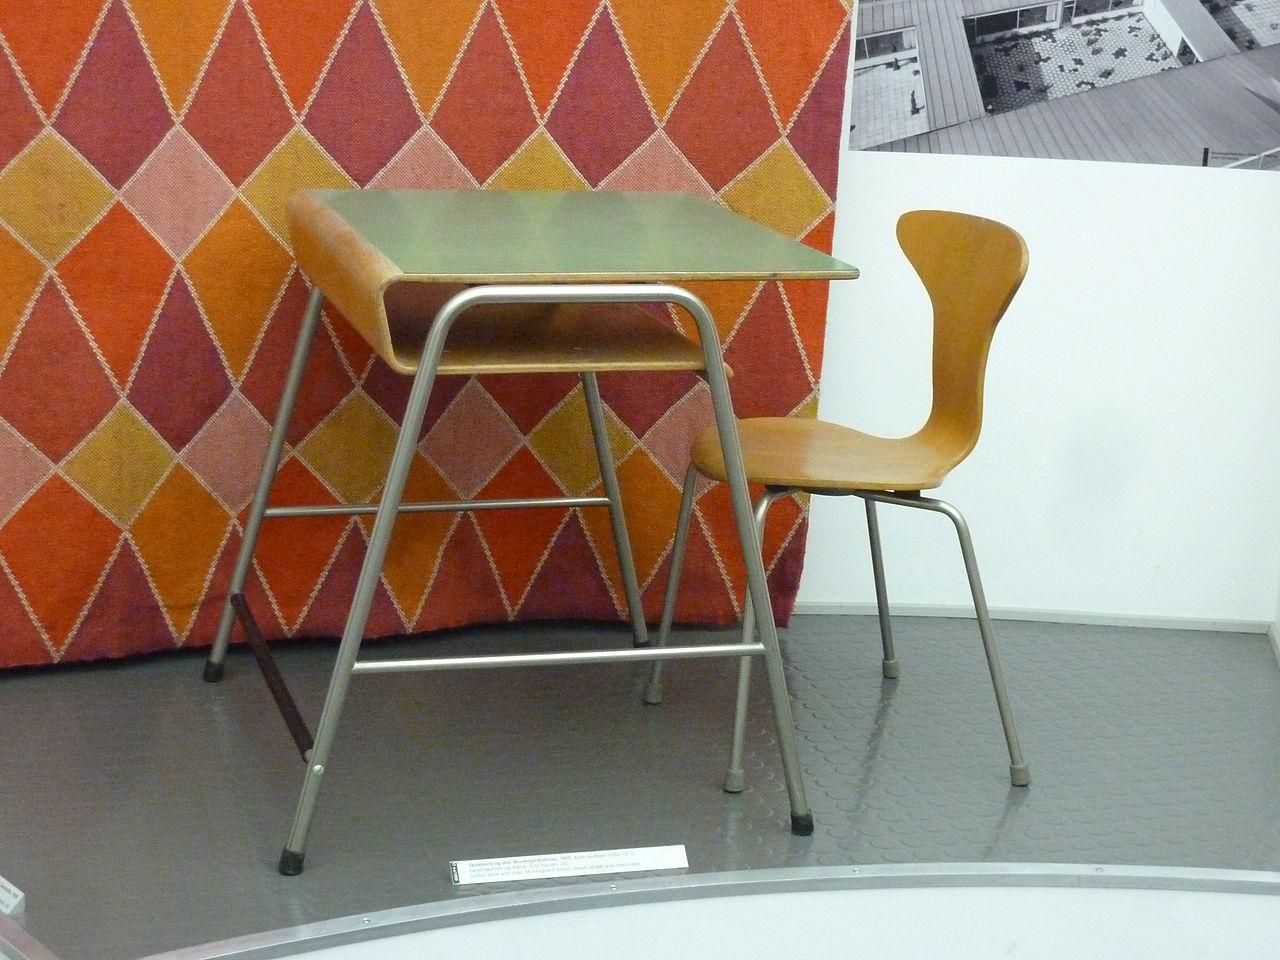 1280px-Munkegaard_School_-_school_desk.jpg